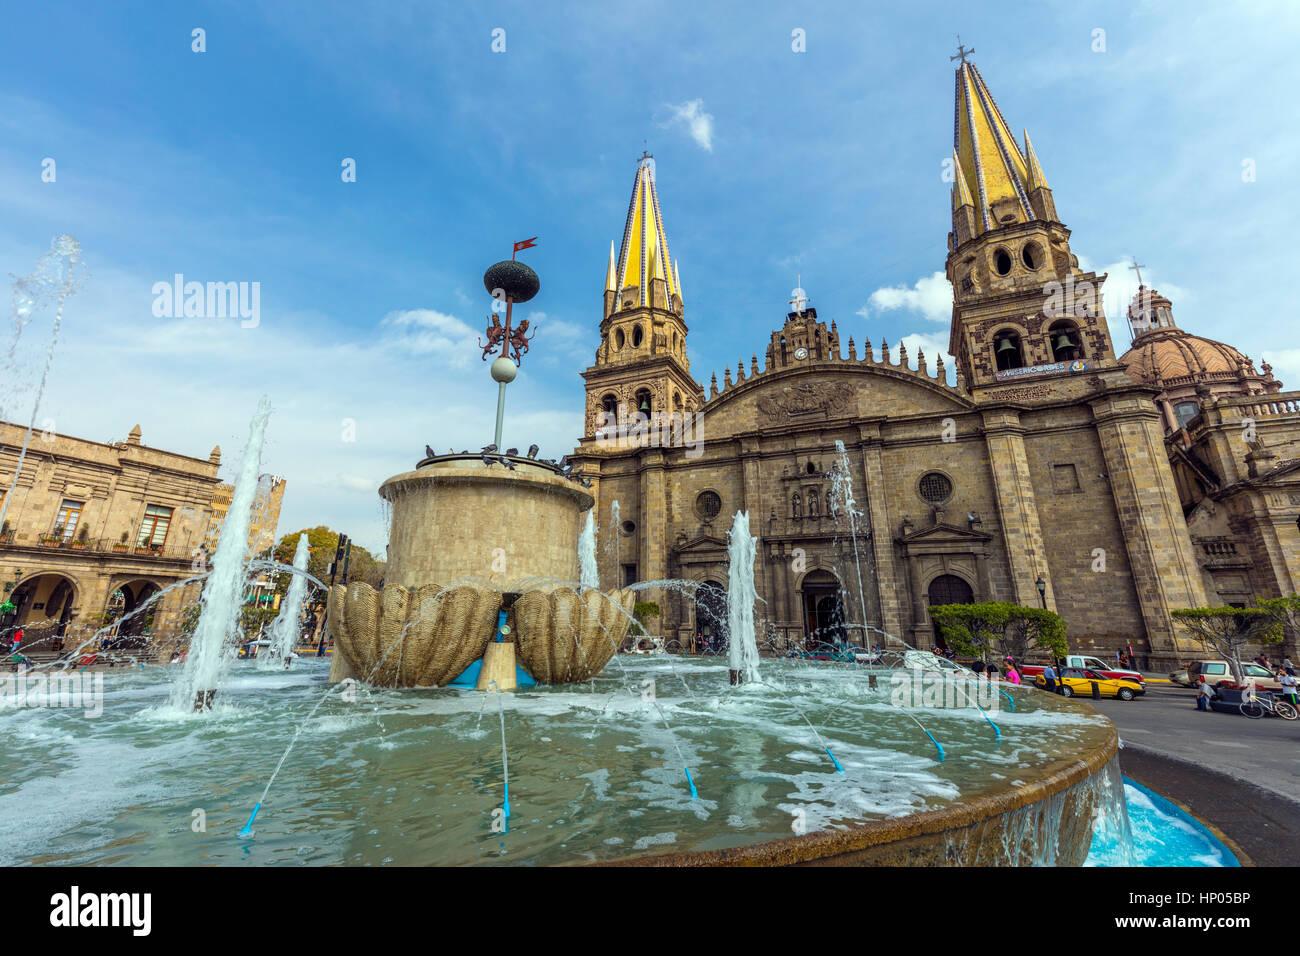 Stock Photo - Cathedral in historic center in Guadalajara